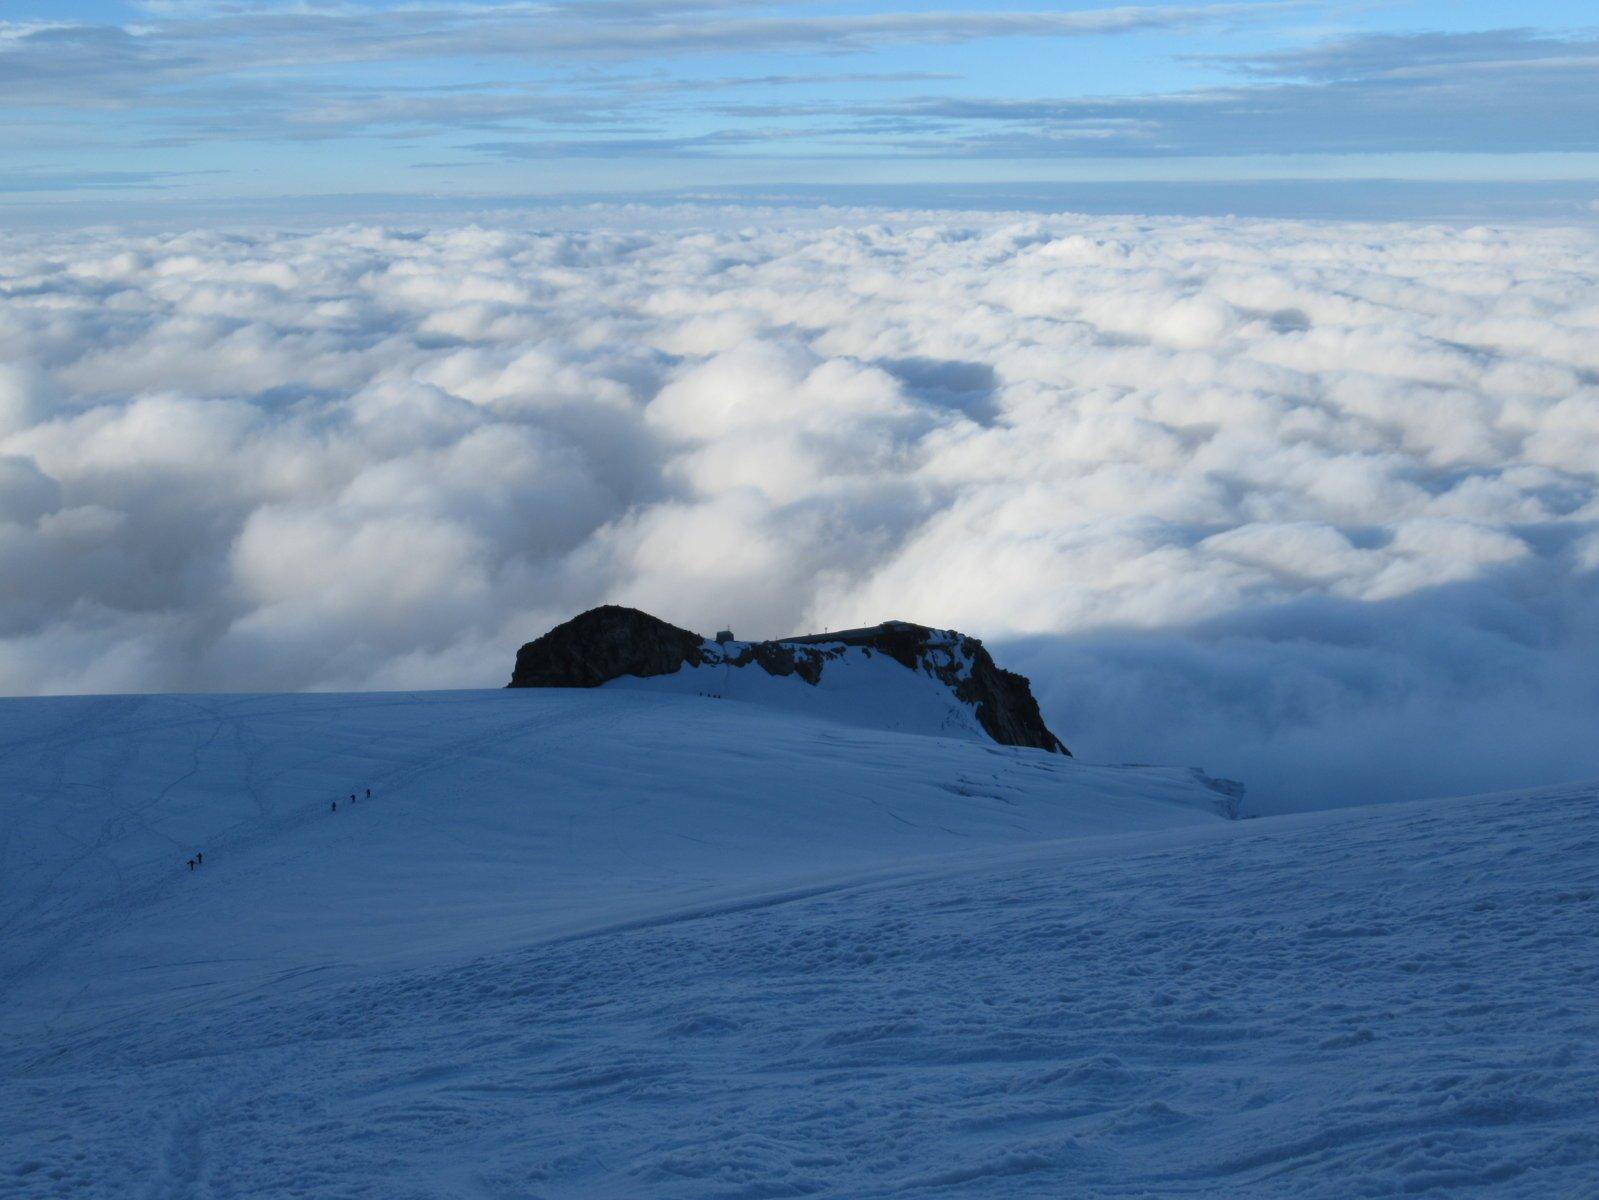 Capanna Gnifetti su un mare di nubi